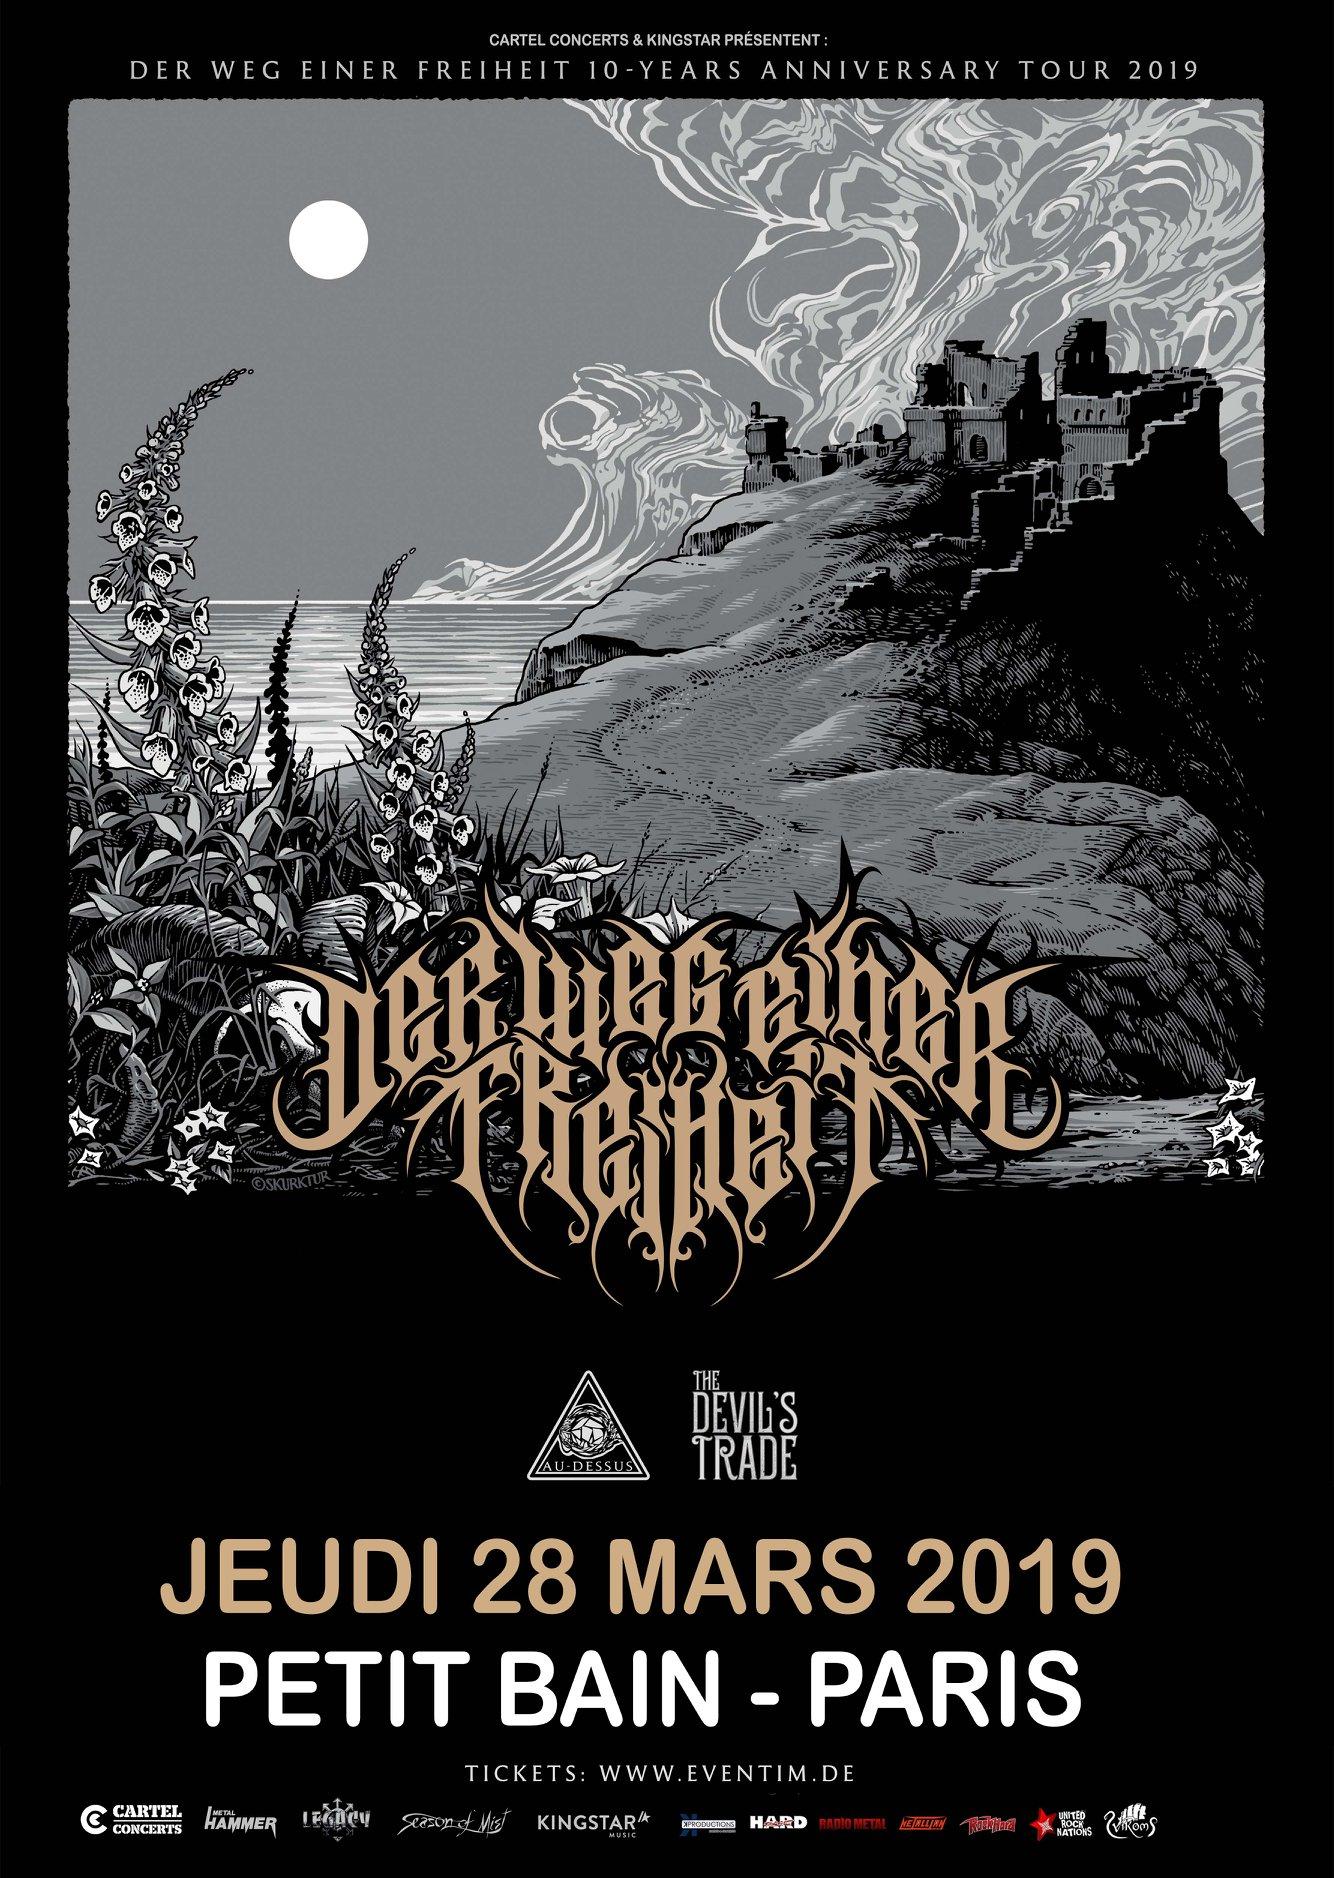 Der Weg Einer Freiheit @ Petit Bain (Paris), le 28 Mars 2019